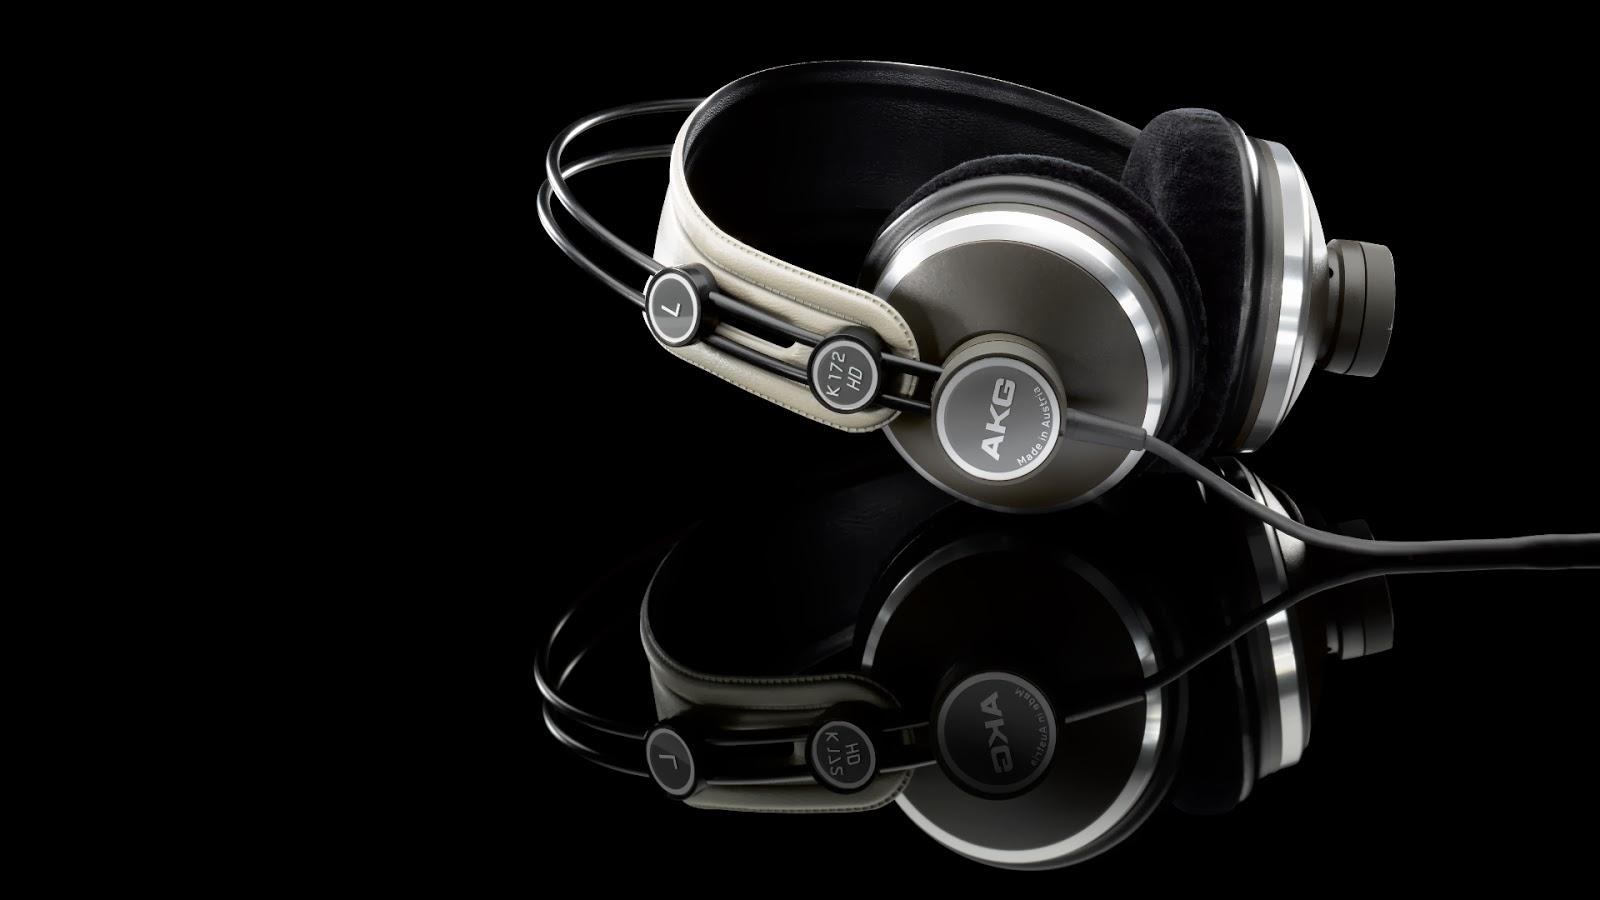 Headphones Hd Wallpapers Fine Food